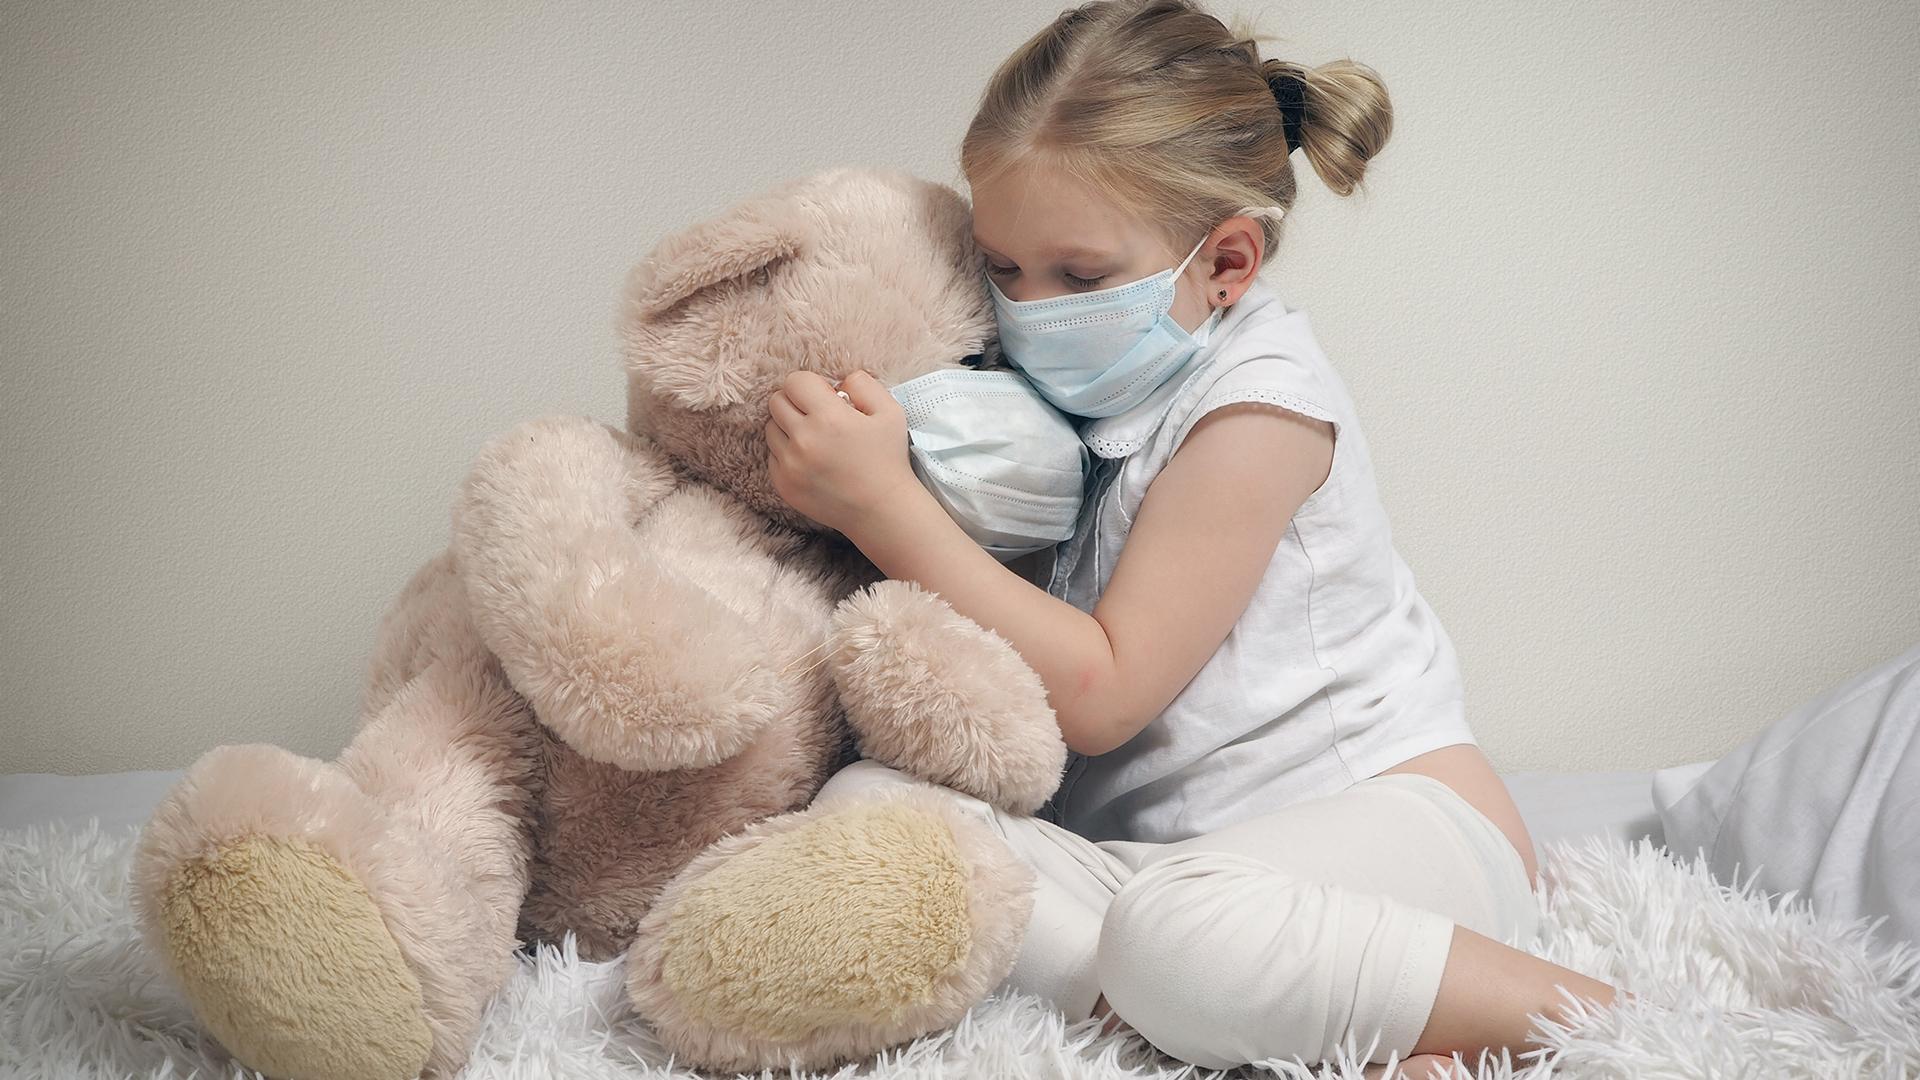 В Ростовской области увеличилась заболеваемость ковидом среди детей